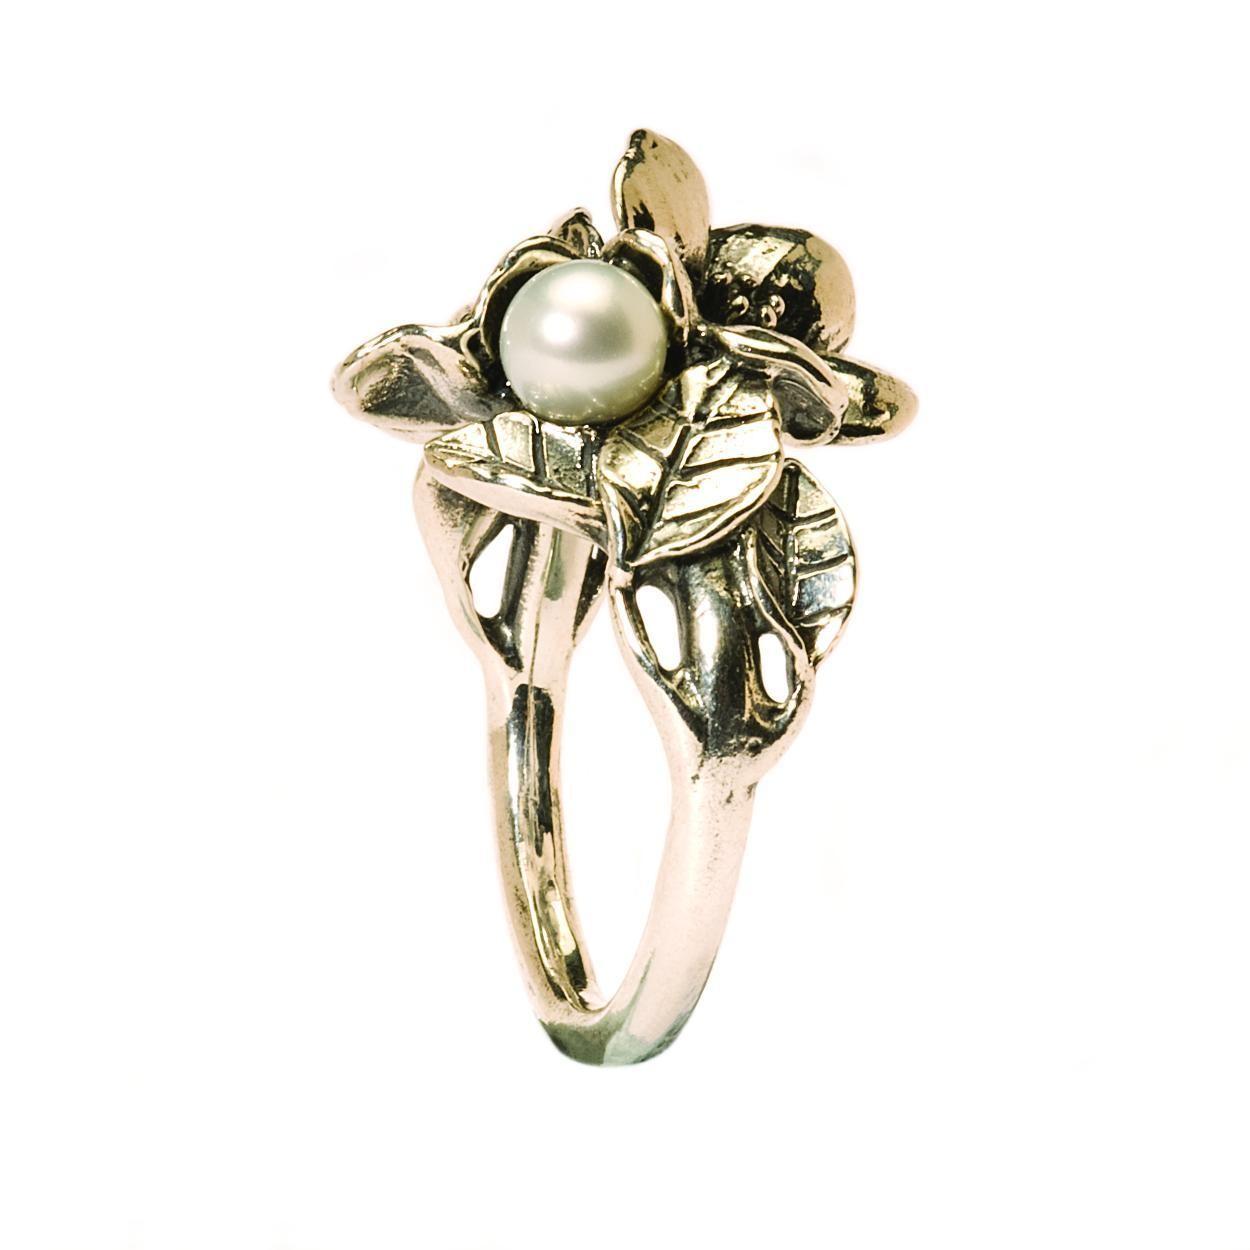 Trollbeads TAGRI-00221 Ring Hagendoorn zilver met parel